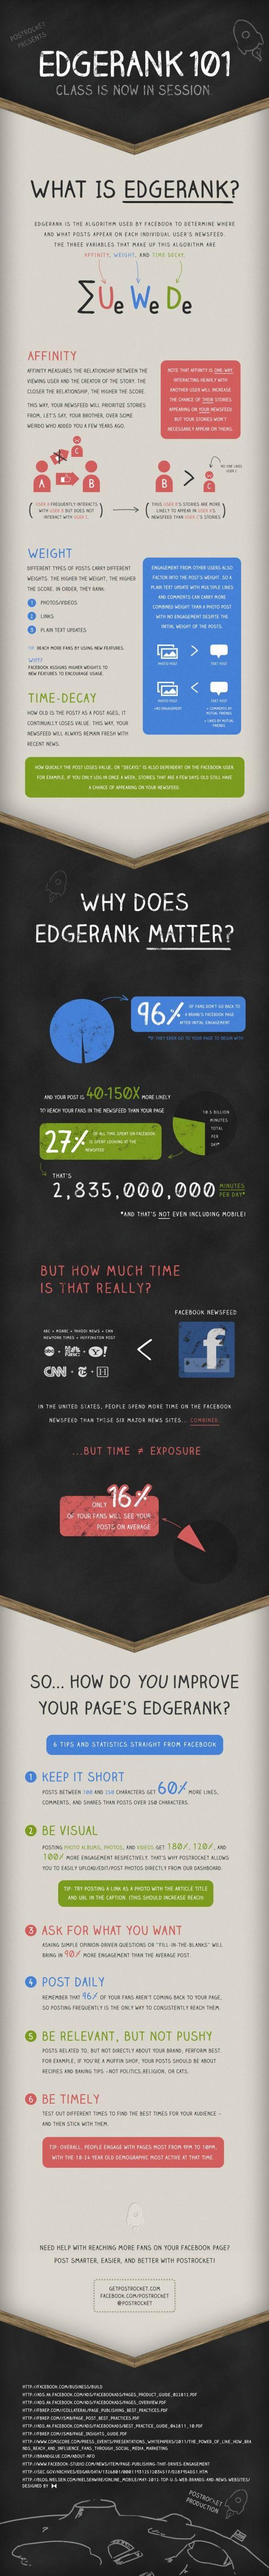 Quelques critères à prendre en compte pour maximiser sa visibilité sur #Facebook  #EdgeRank